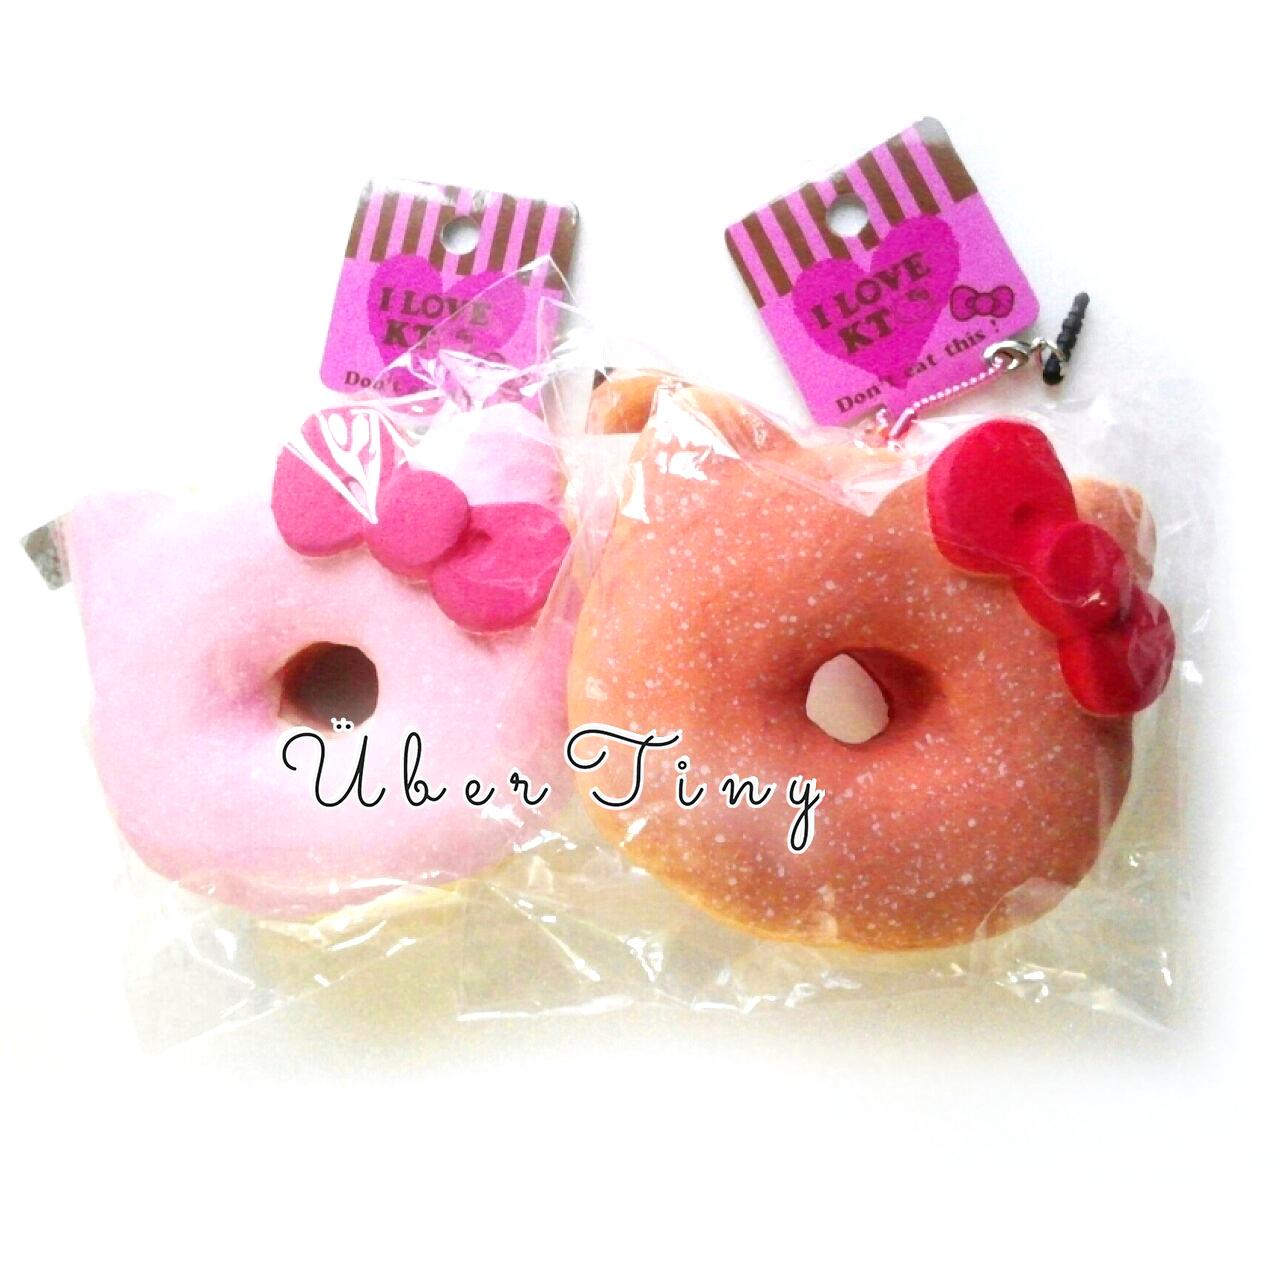 Squishy Licensed Jumbo : Hello Kitty Powdered Donut Squishy Jumbo (Licensed) ? Uber Tiny ? Online Store Powered by Storenvy